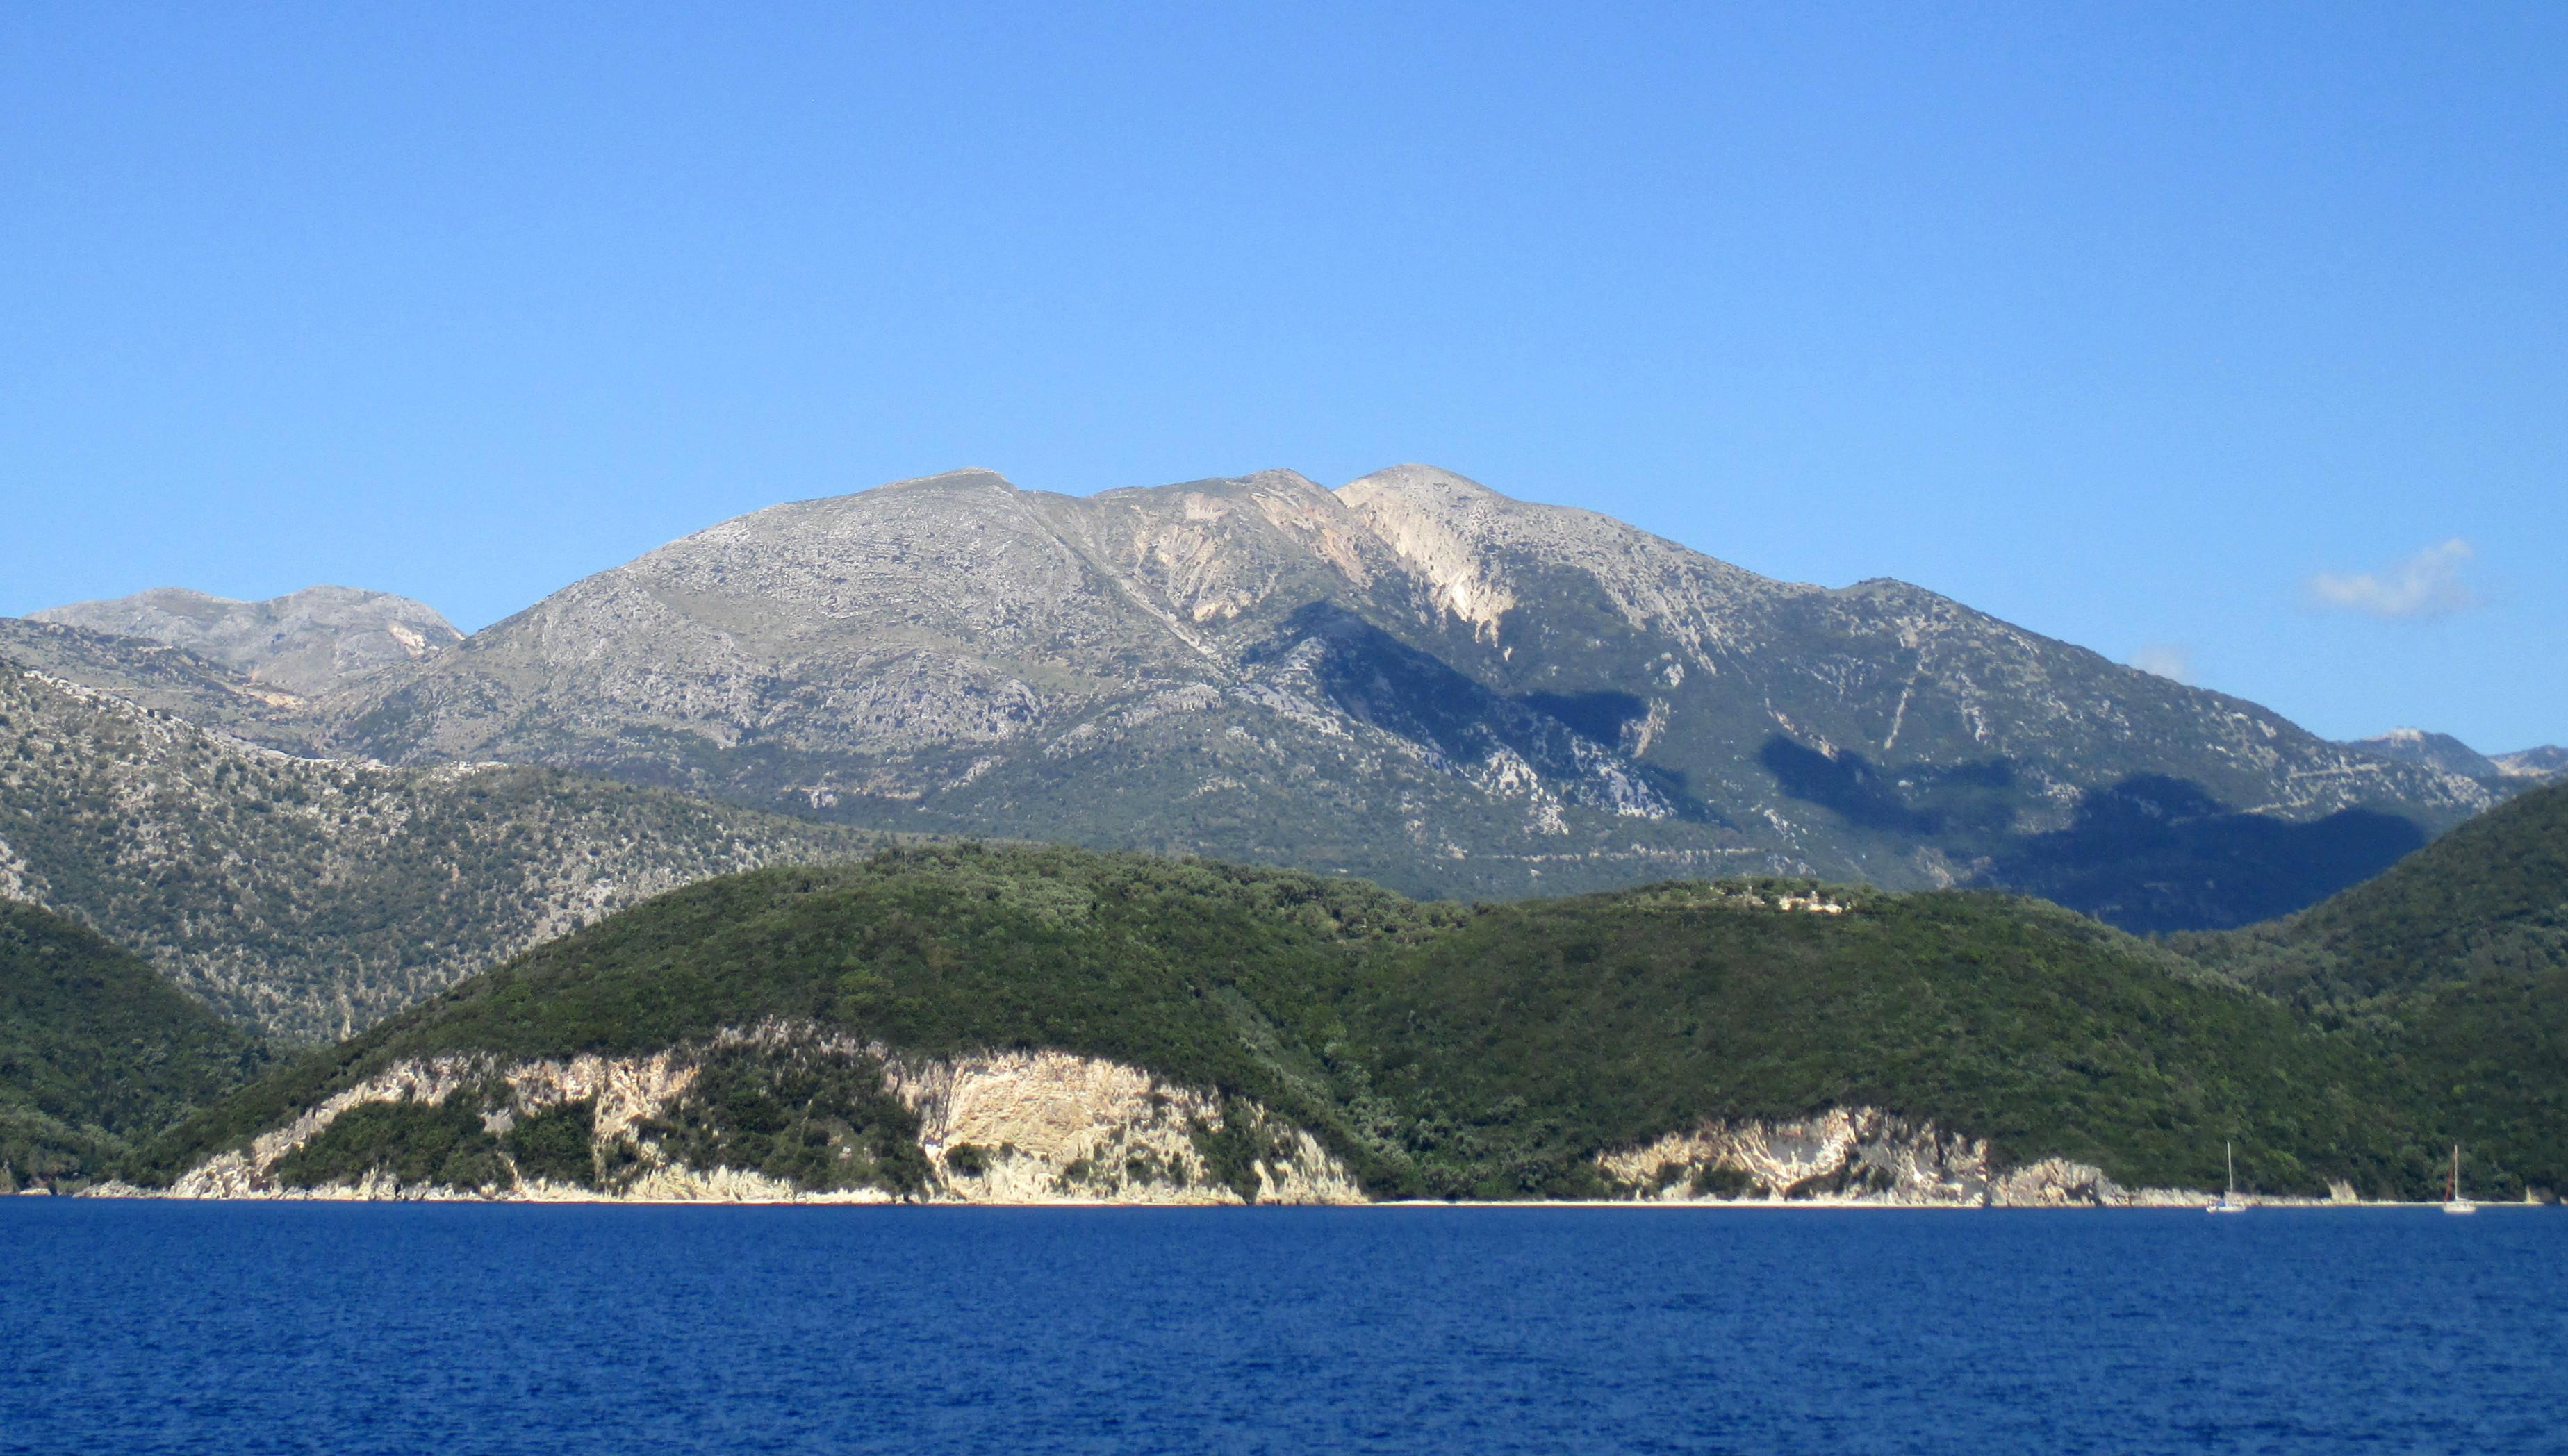 Mount Elati